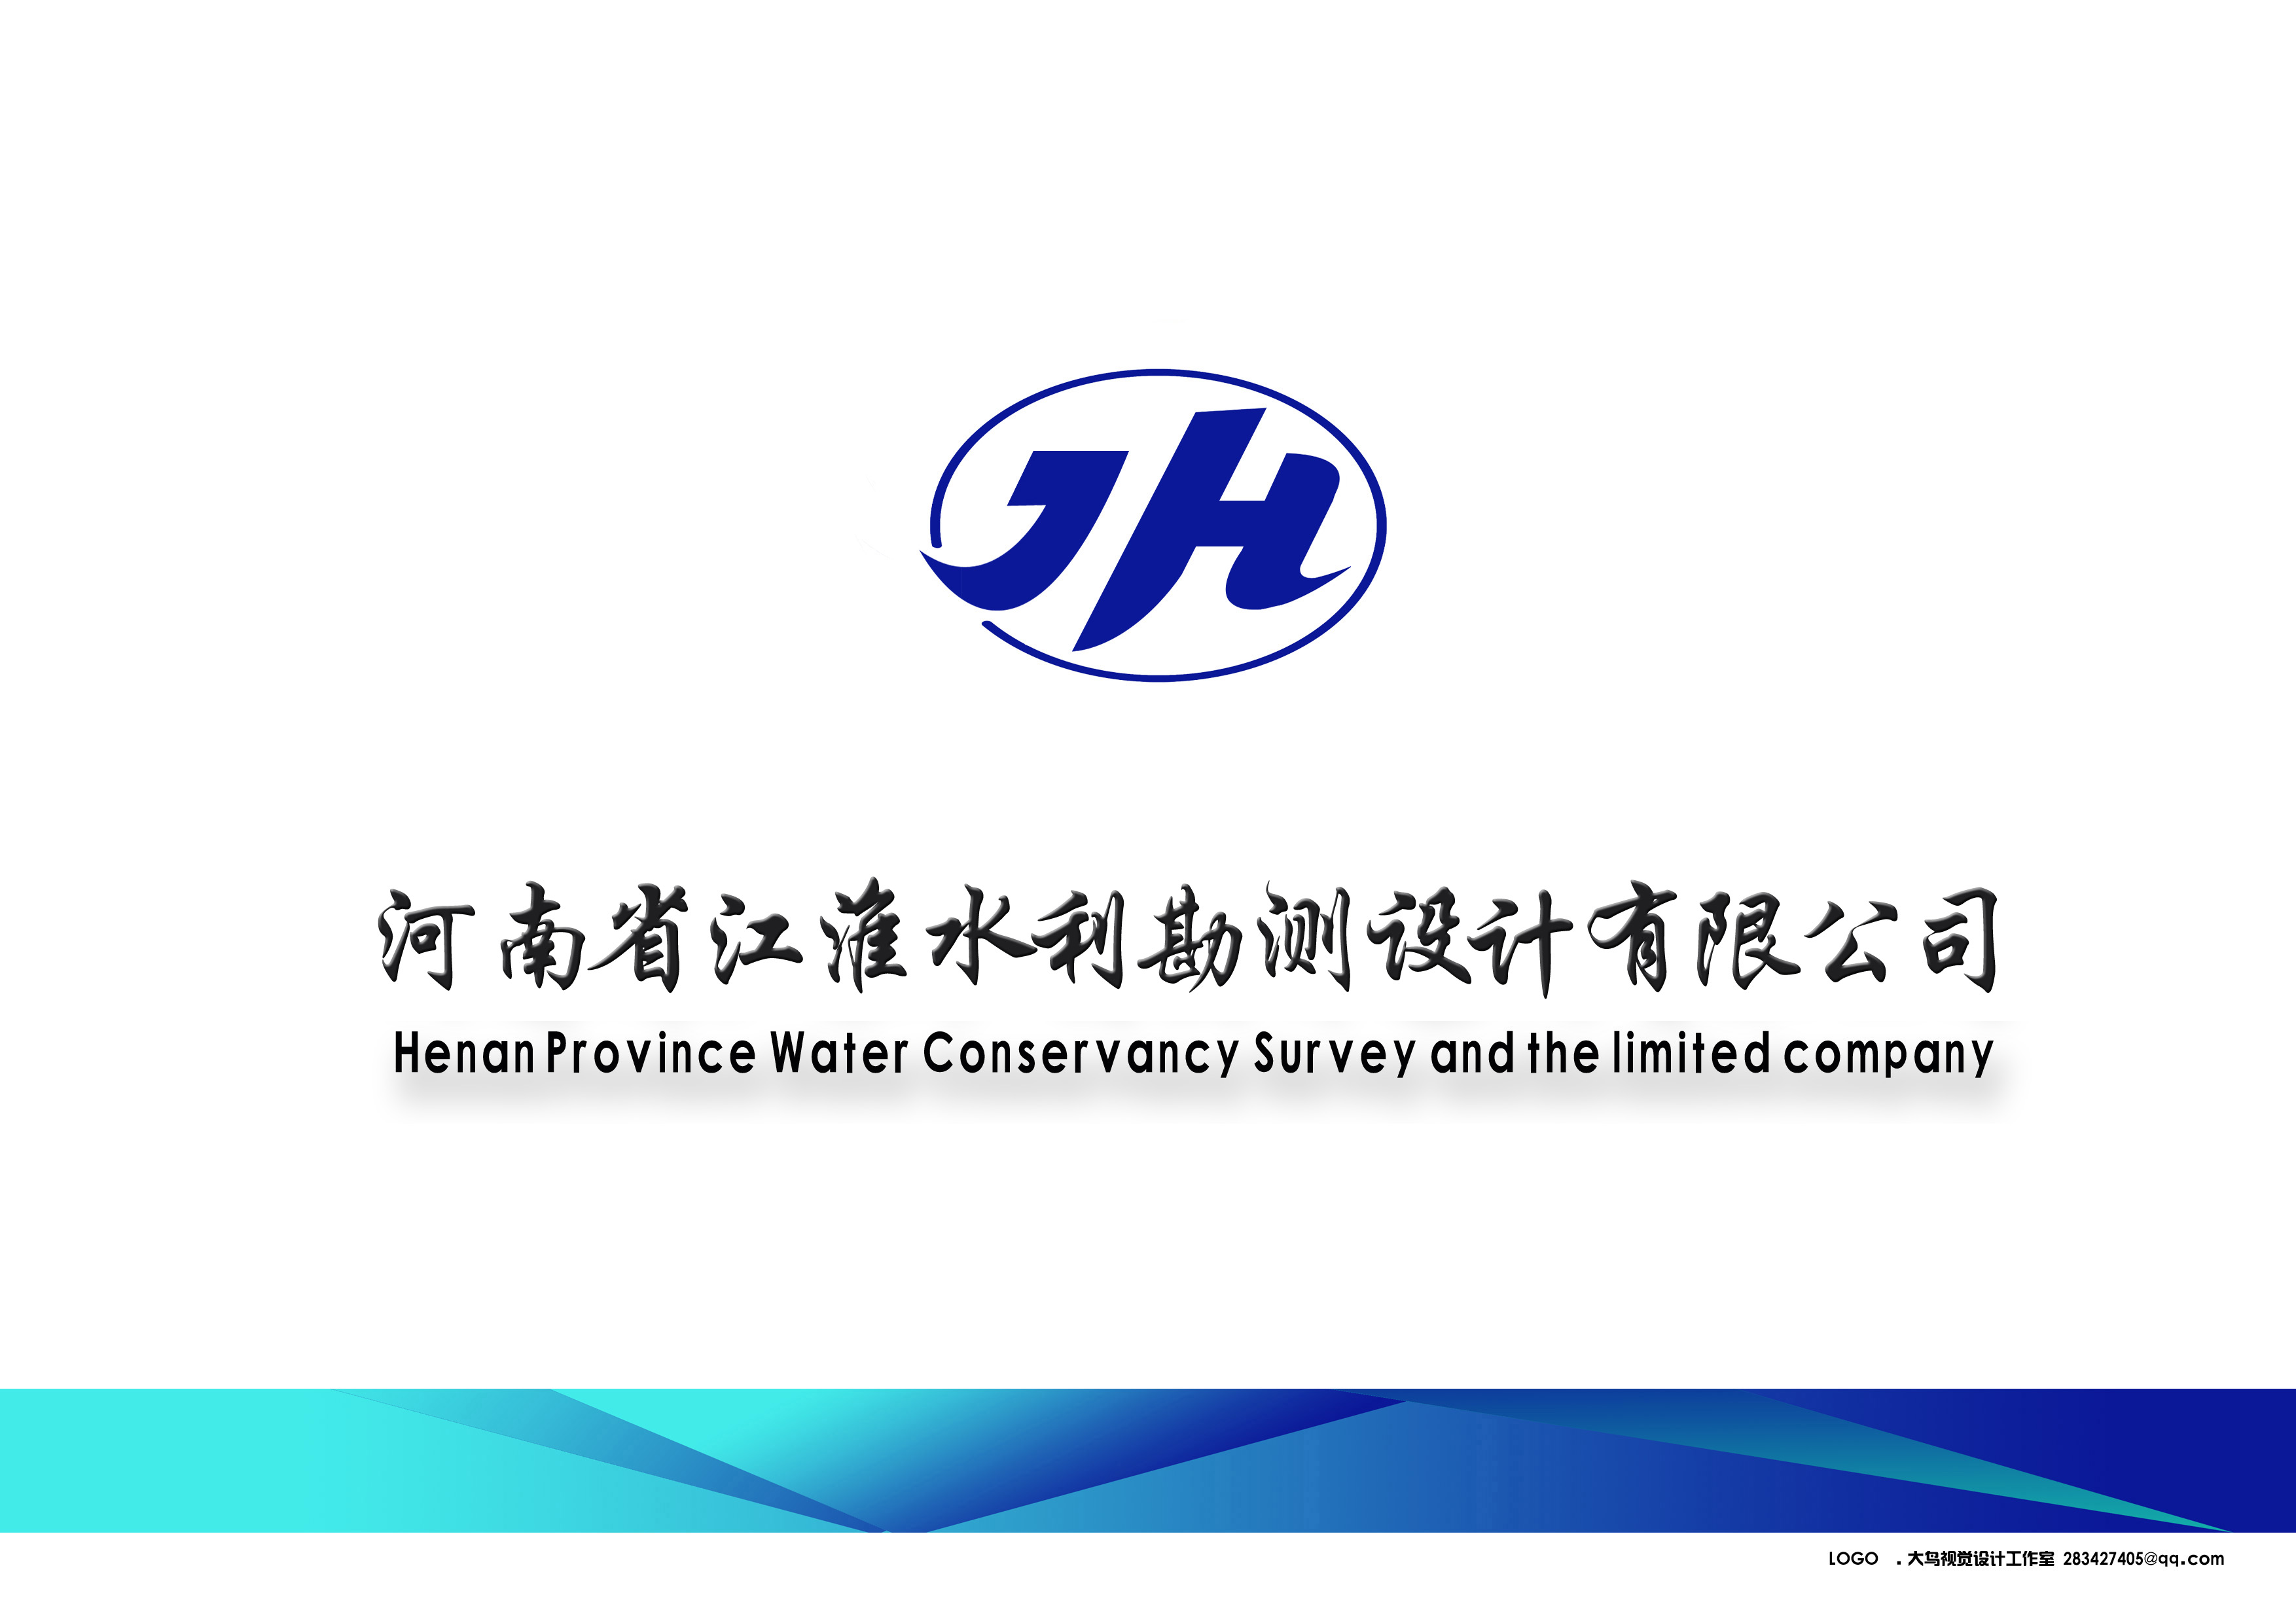 河南省江淮水利勘测设计有限公司